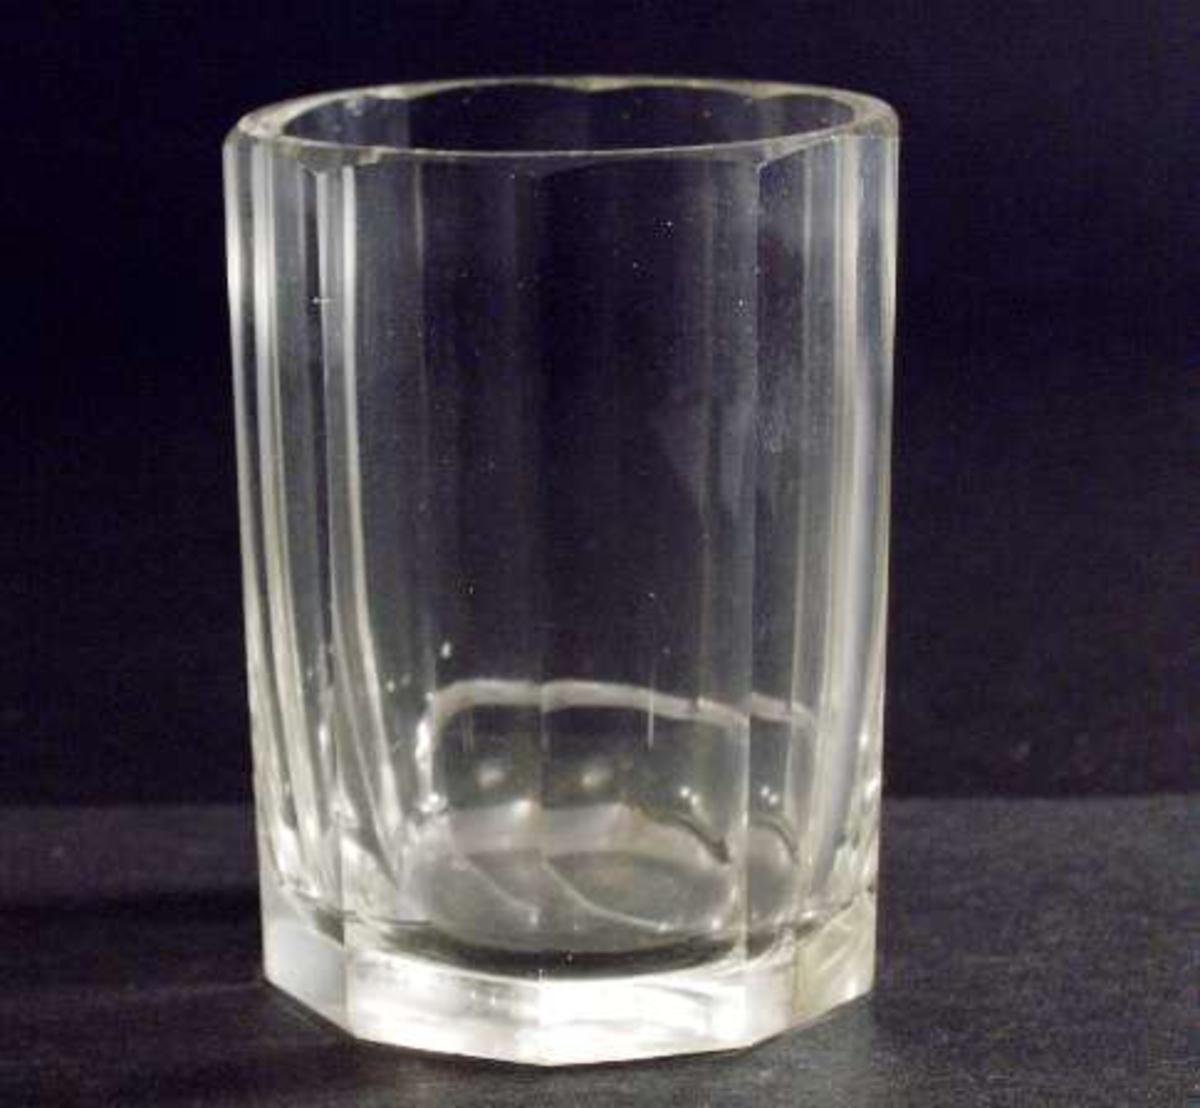 Två dricksglas av tjockt ofärgat fasettslipat glas, så kallad mormorsslipning. Glasen raka, 10-kantiga.